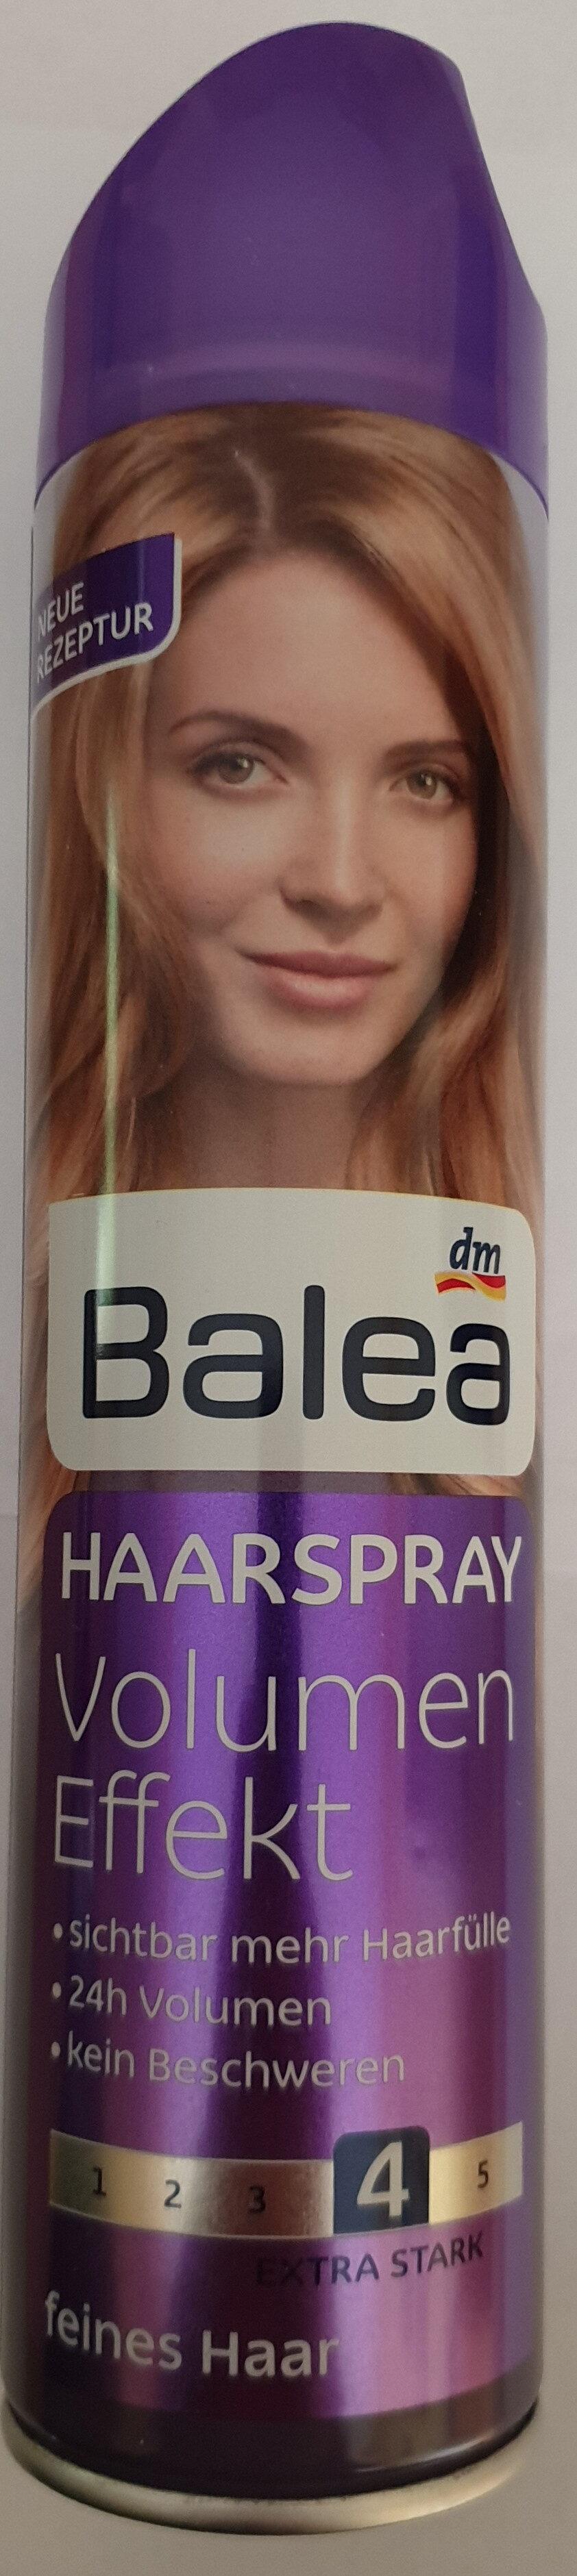 Haarspray Volumen-Effekt 4, feines Haar - Продукт - de